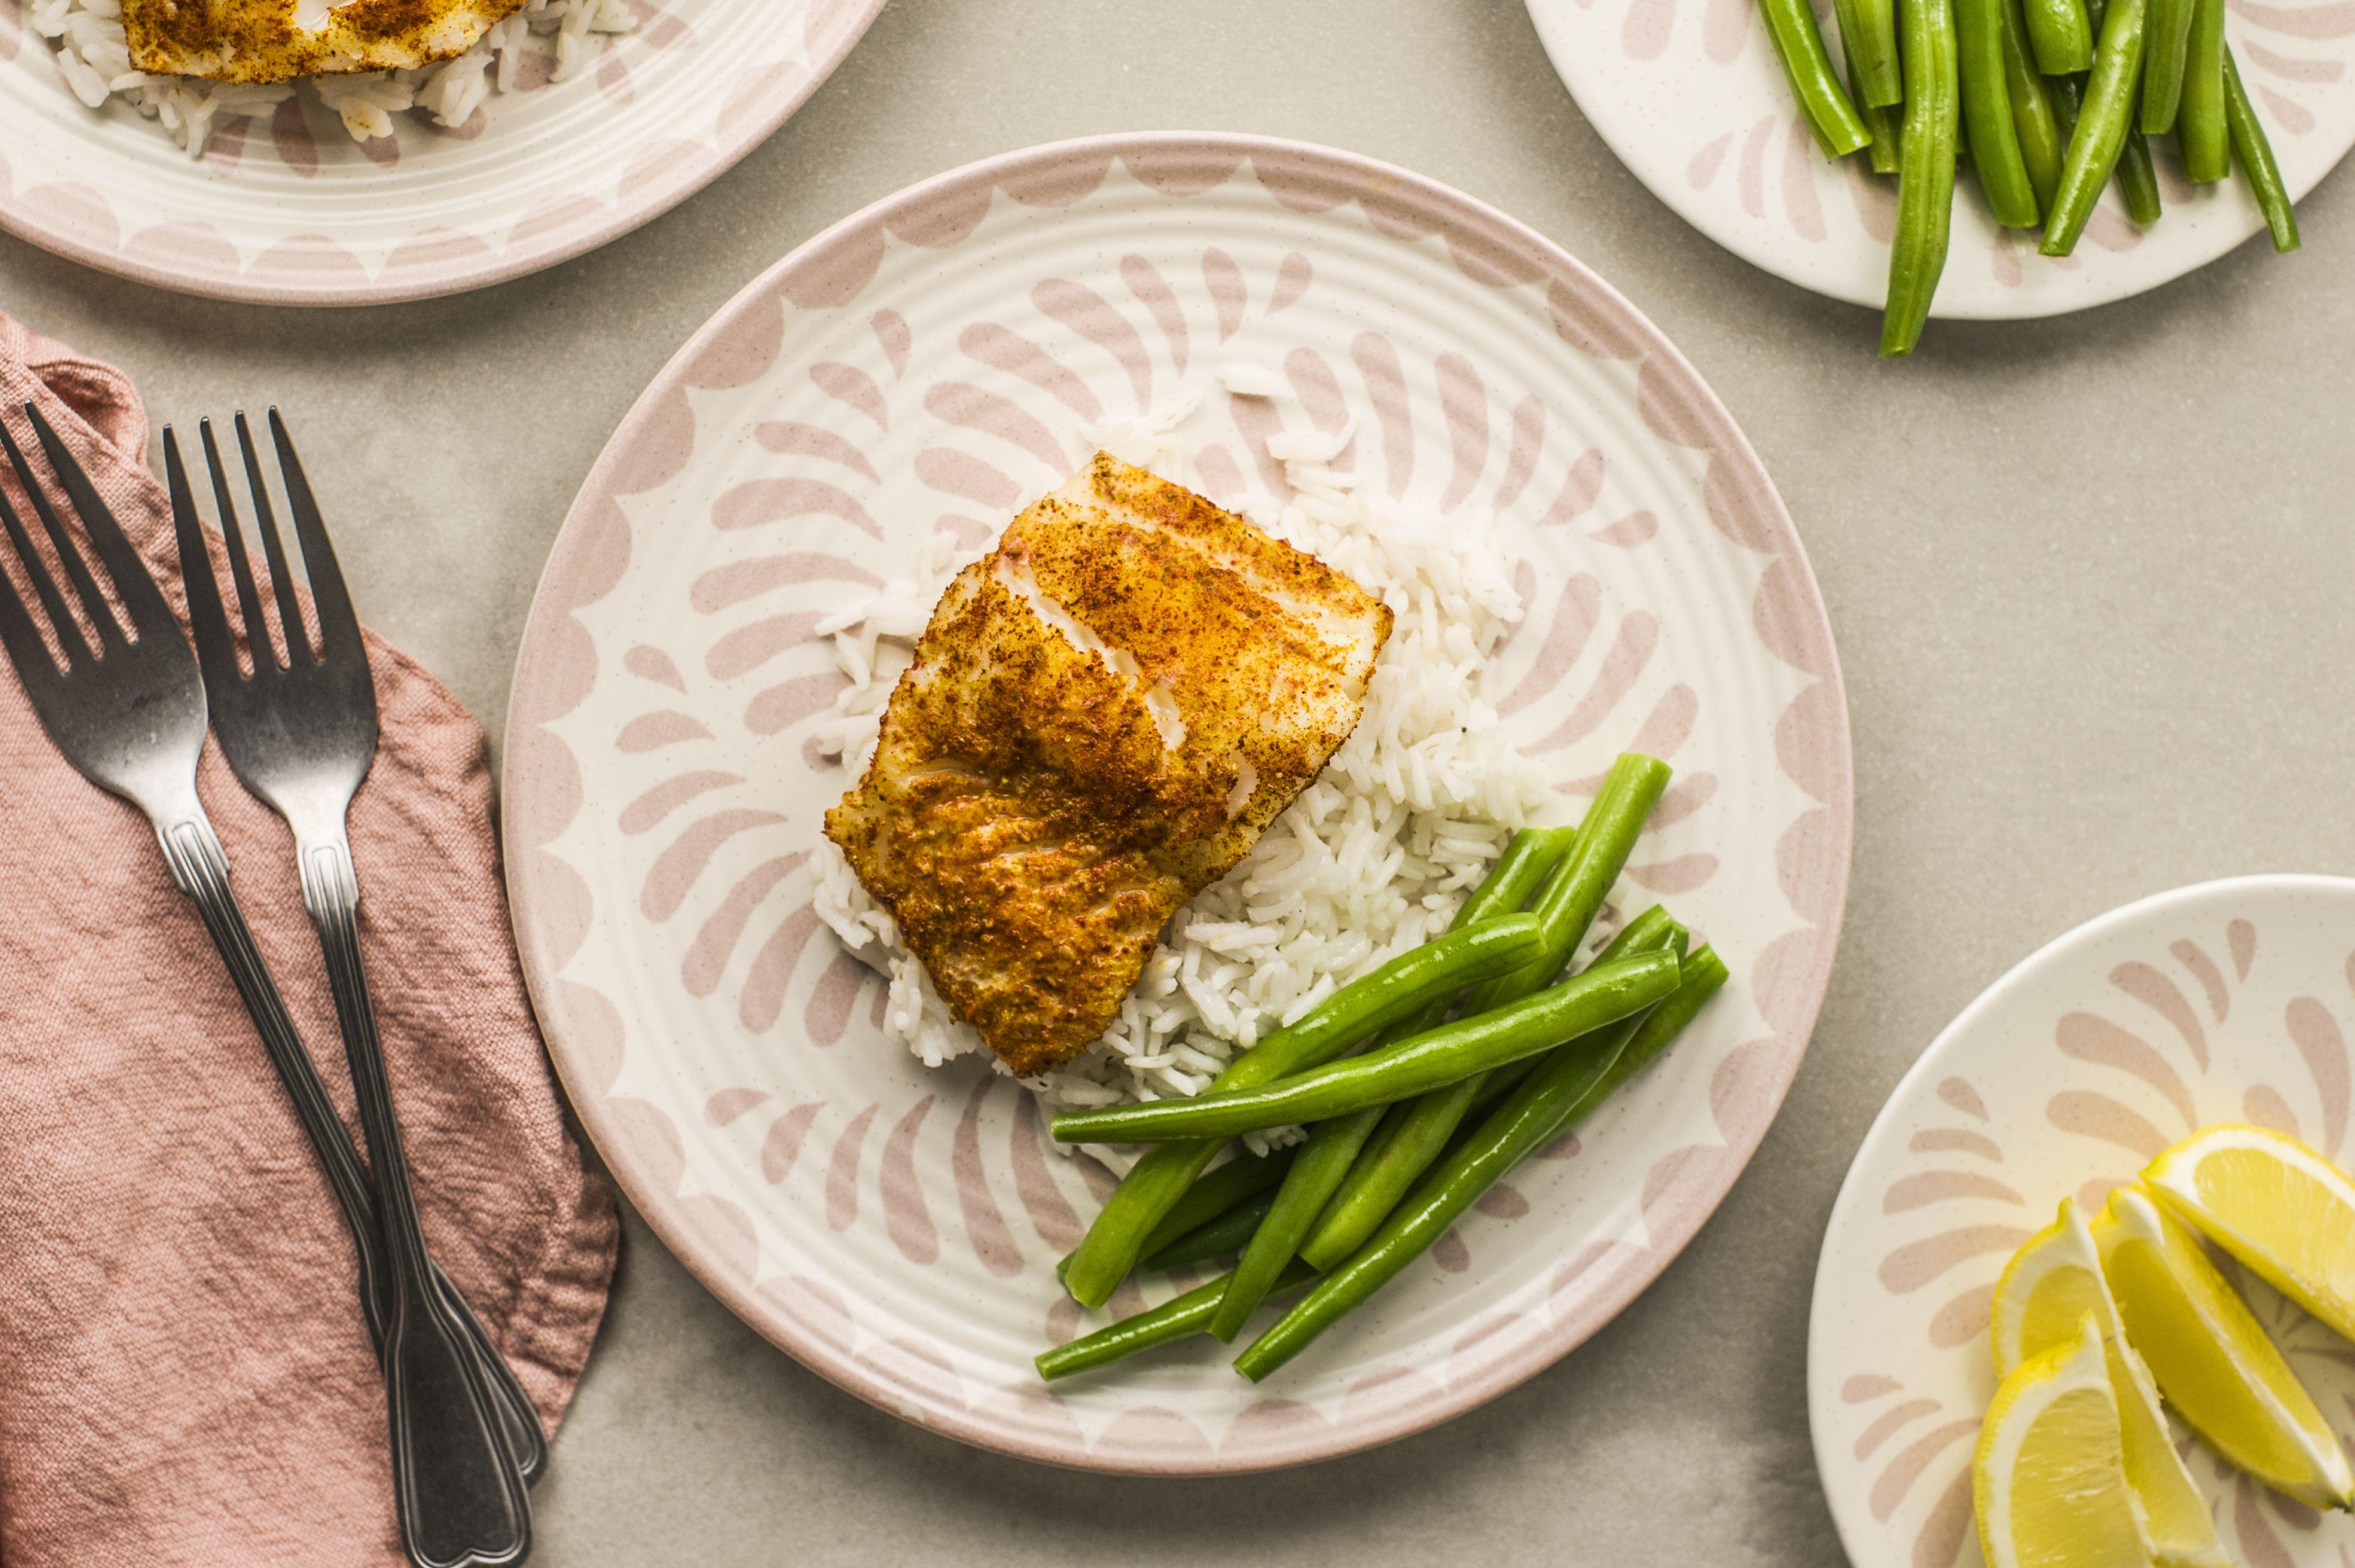 Low fat spice rubbed cod recipe